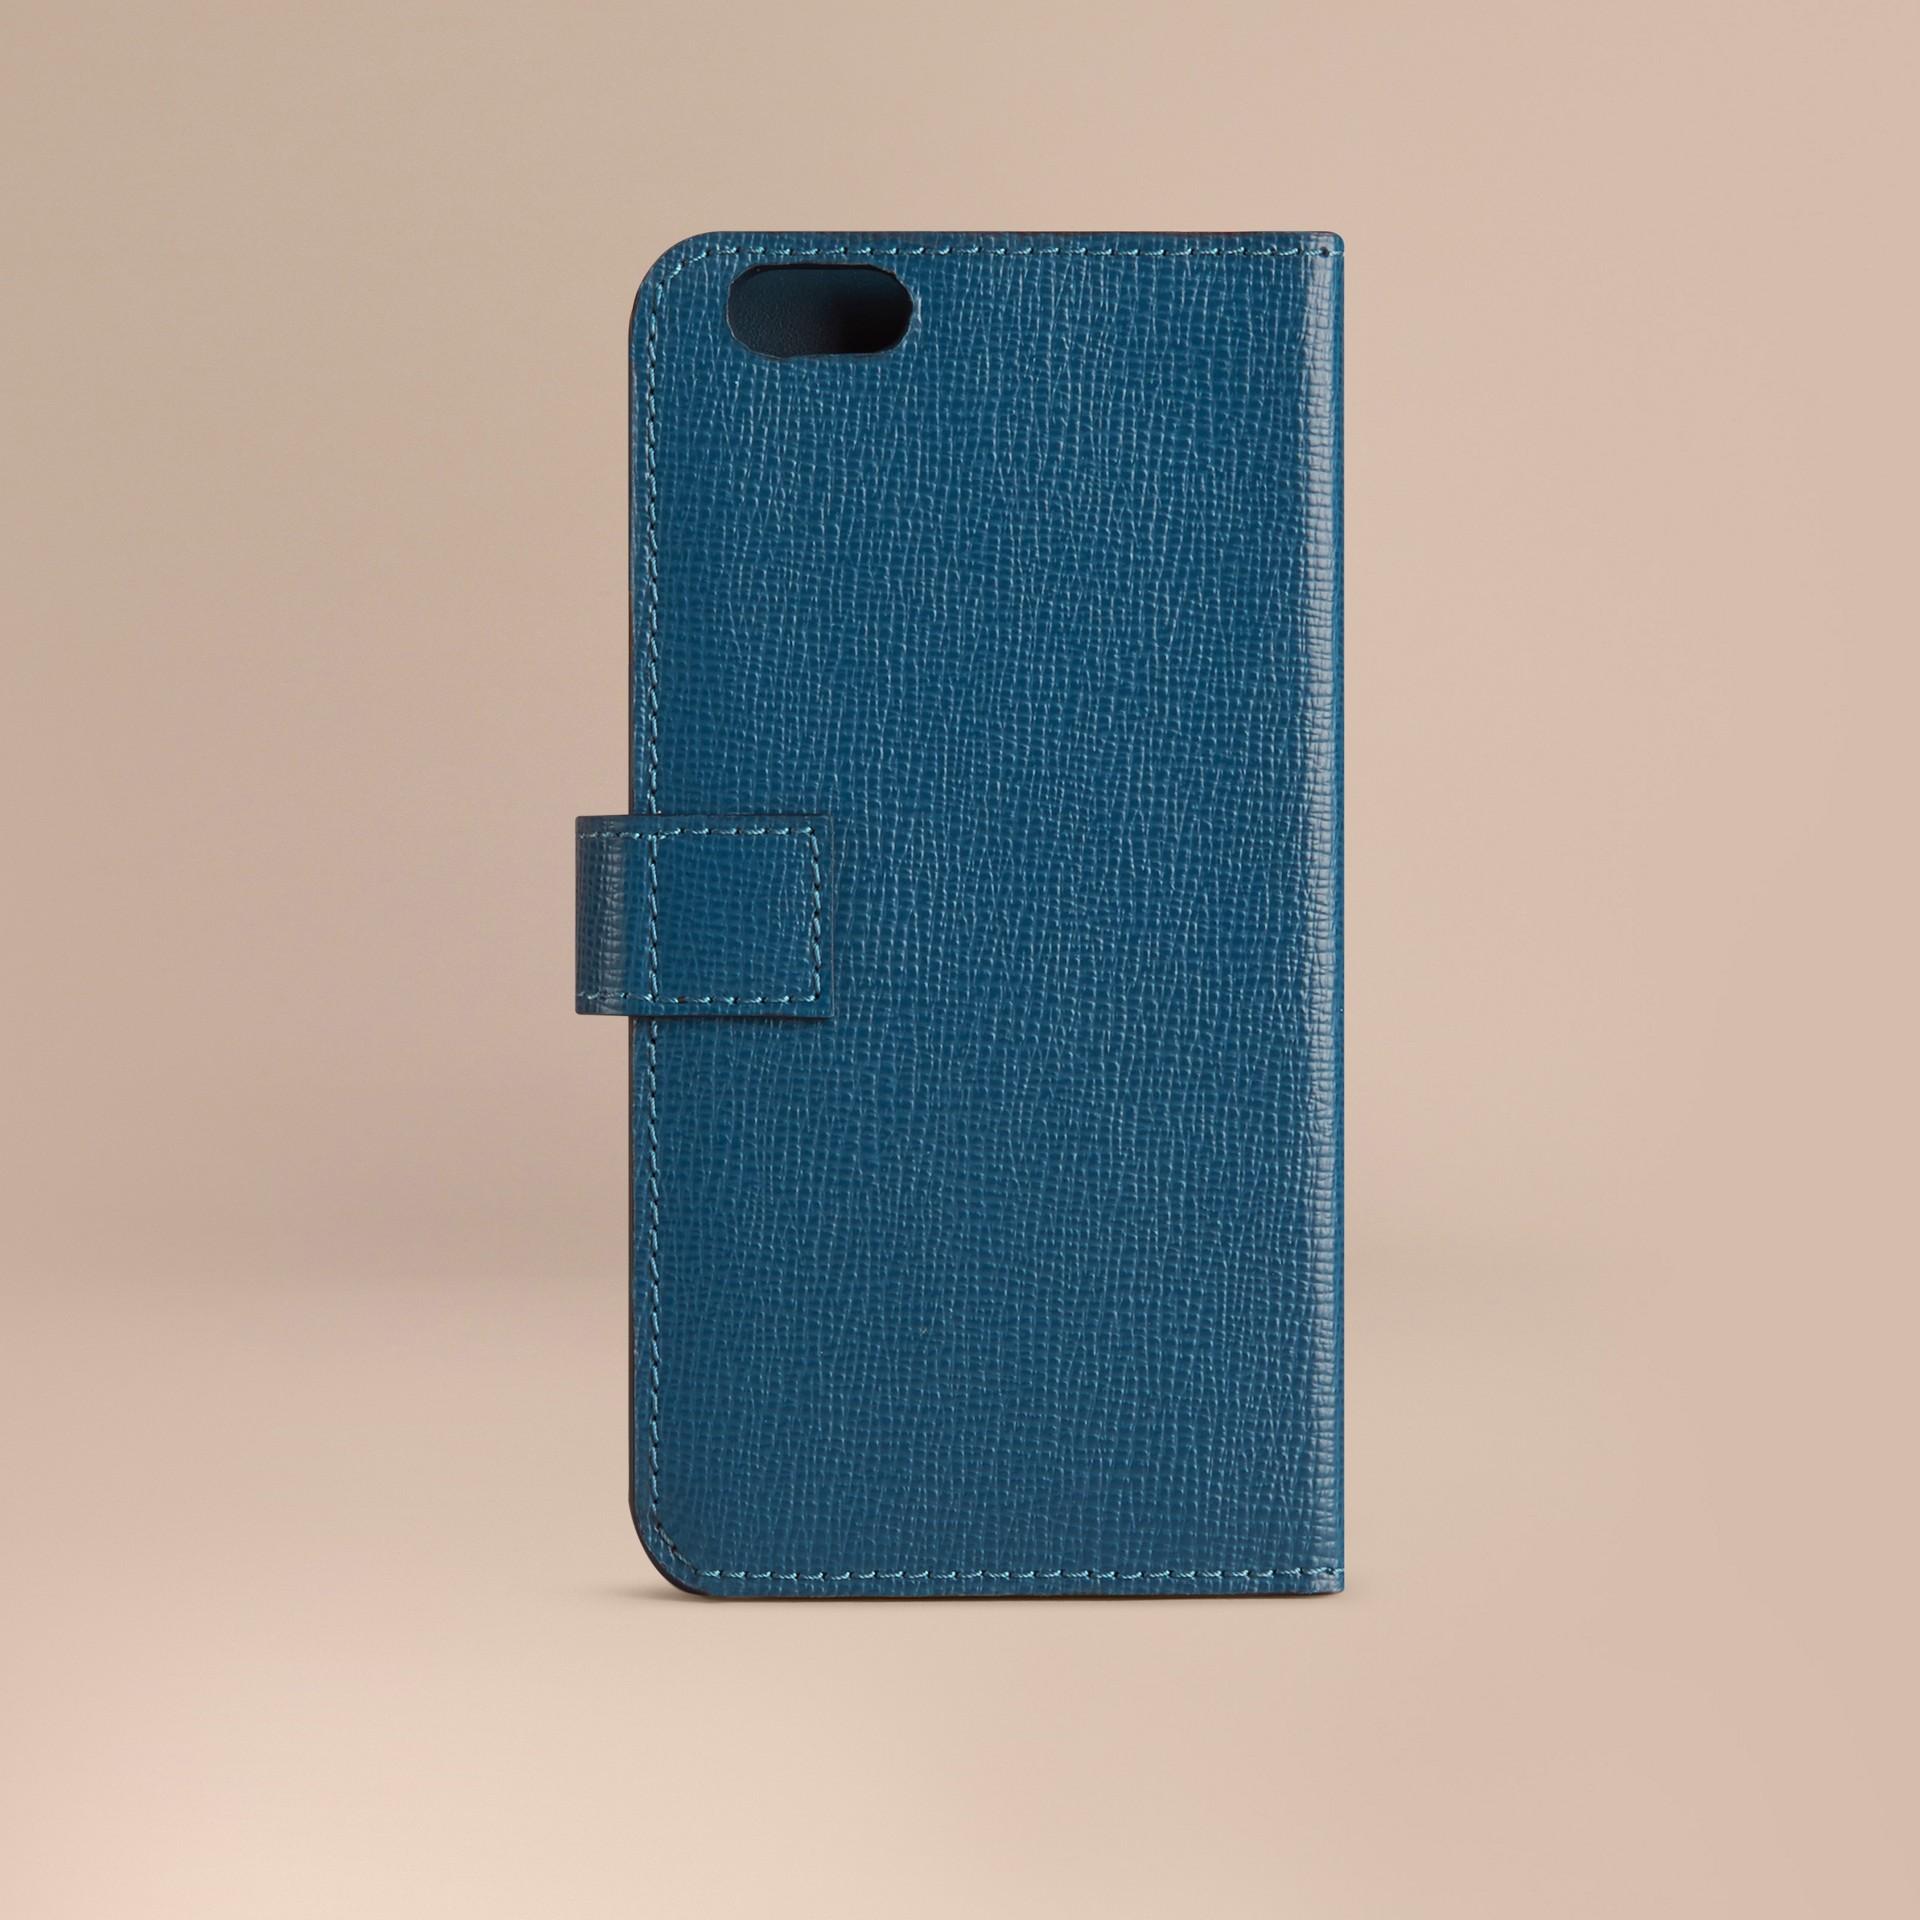 ミネラルブルー ロンドンレザーiPhone 6フリップケース ミネラルブルー - ギャラリーイメージ 3